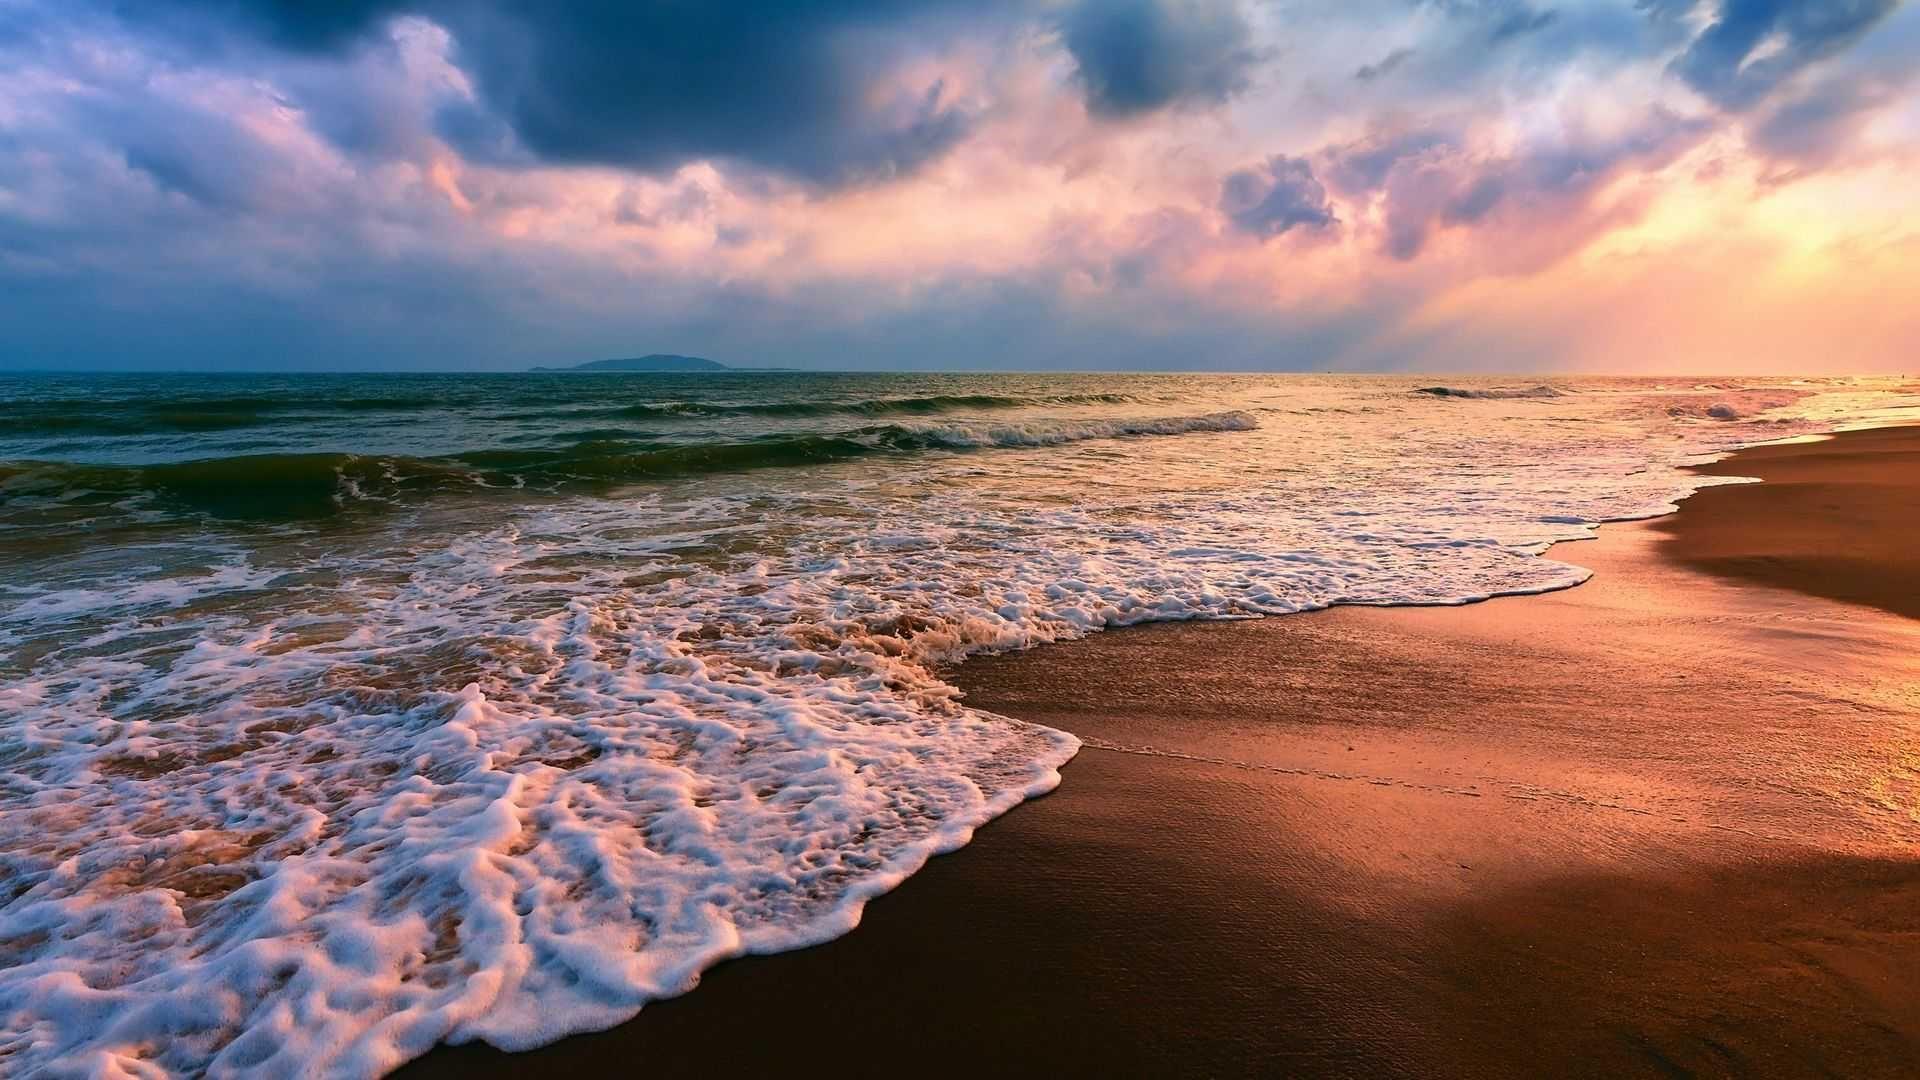 Ocean Sunset Desktop Wallpaper